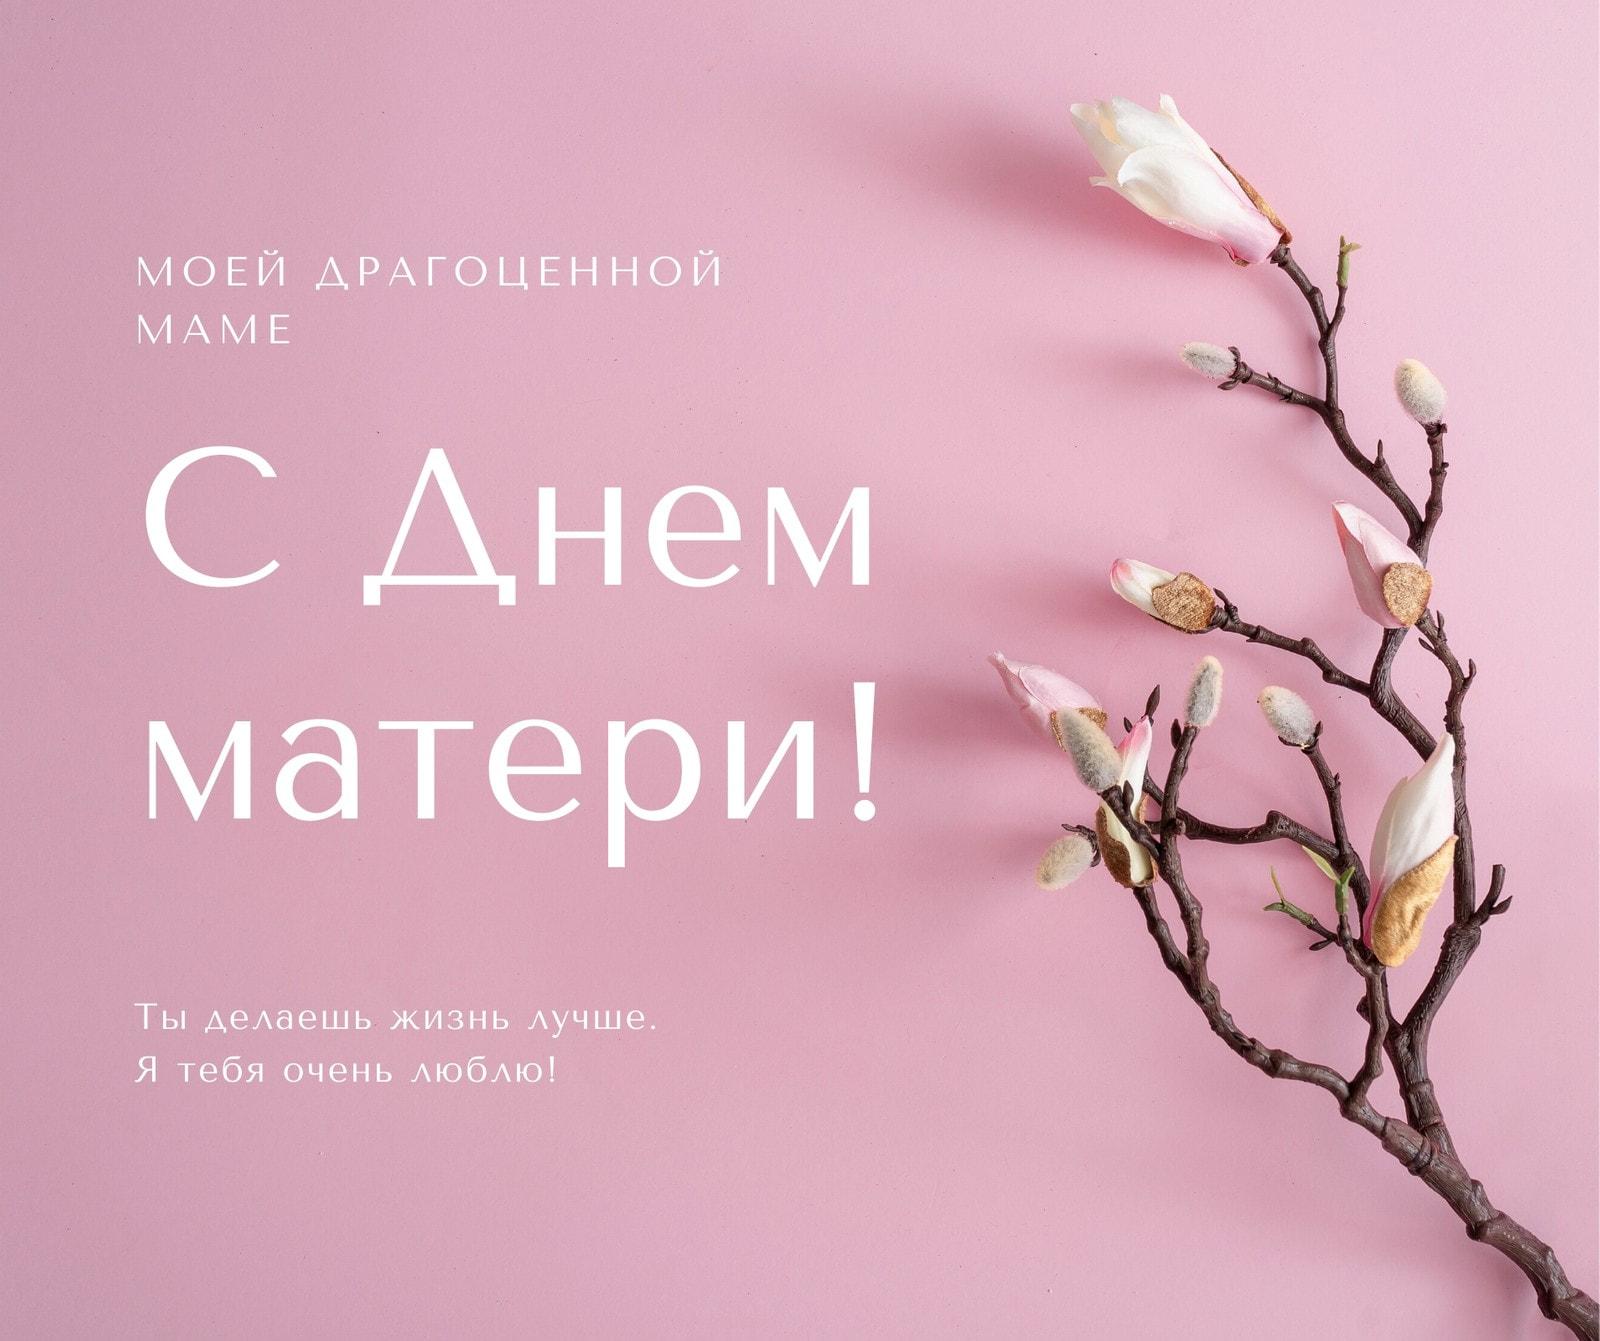 Розовая Цветы Простая День Матери Facebook Публикация